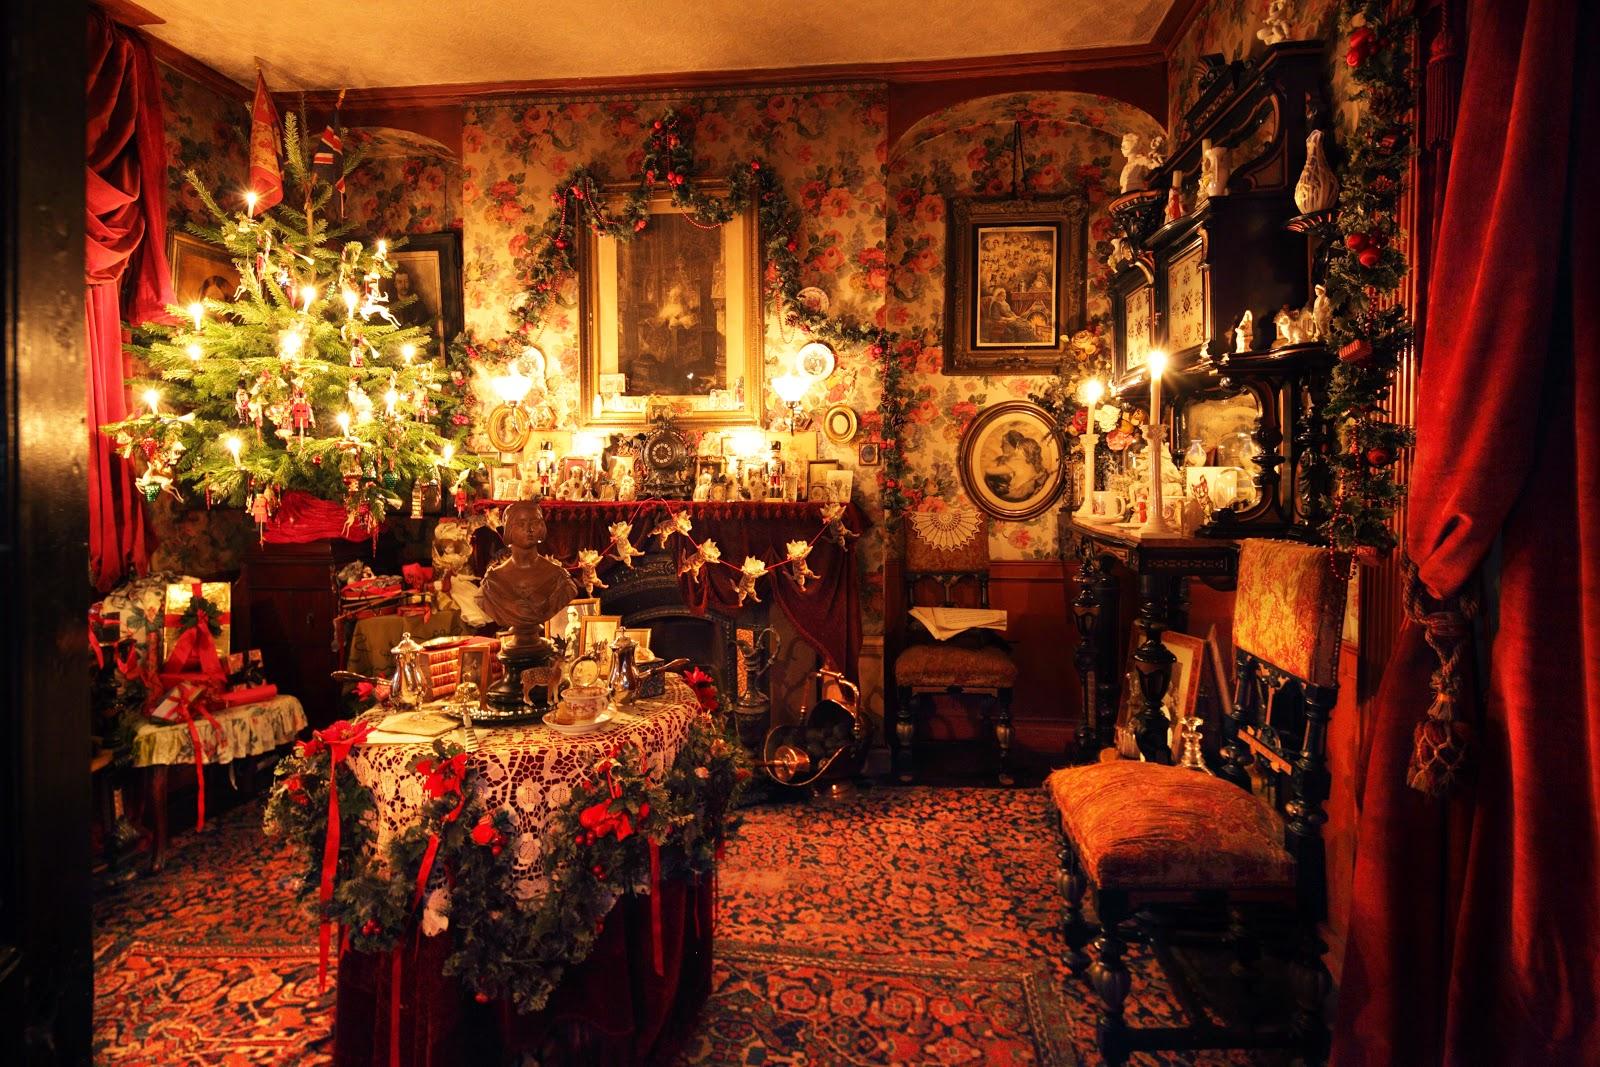 Le decorazioni vittoriane alla Dennis Severs' House. Foto di Roelof Bakker.